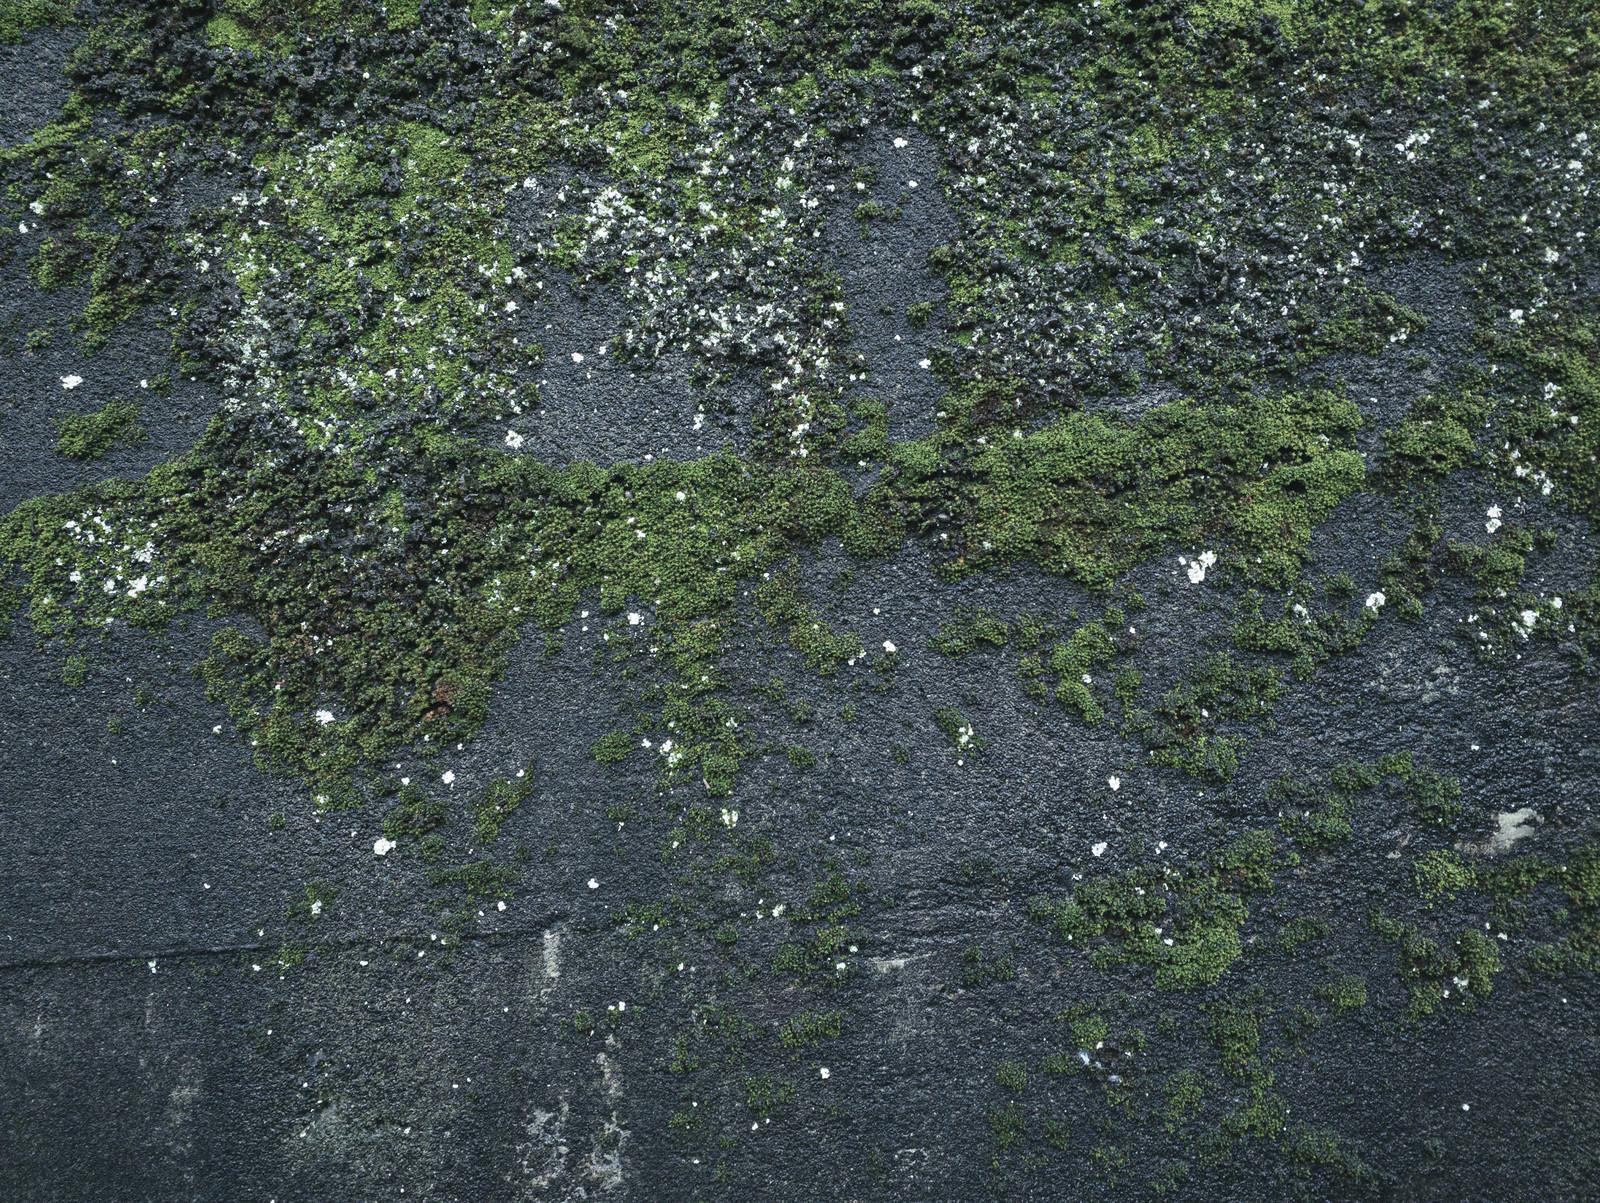 「苔むした濡れたコンクリート壁(テクスチャ)」の写真